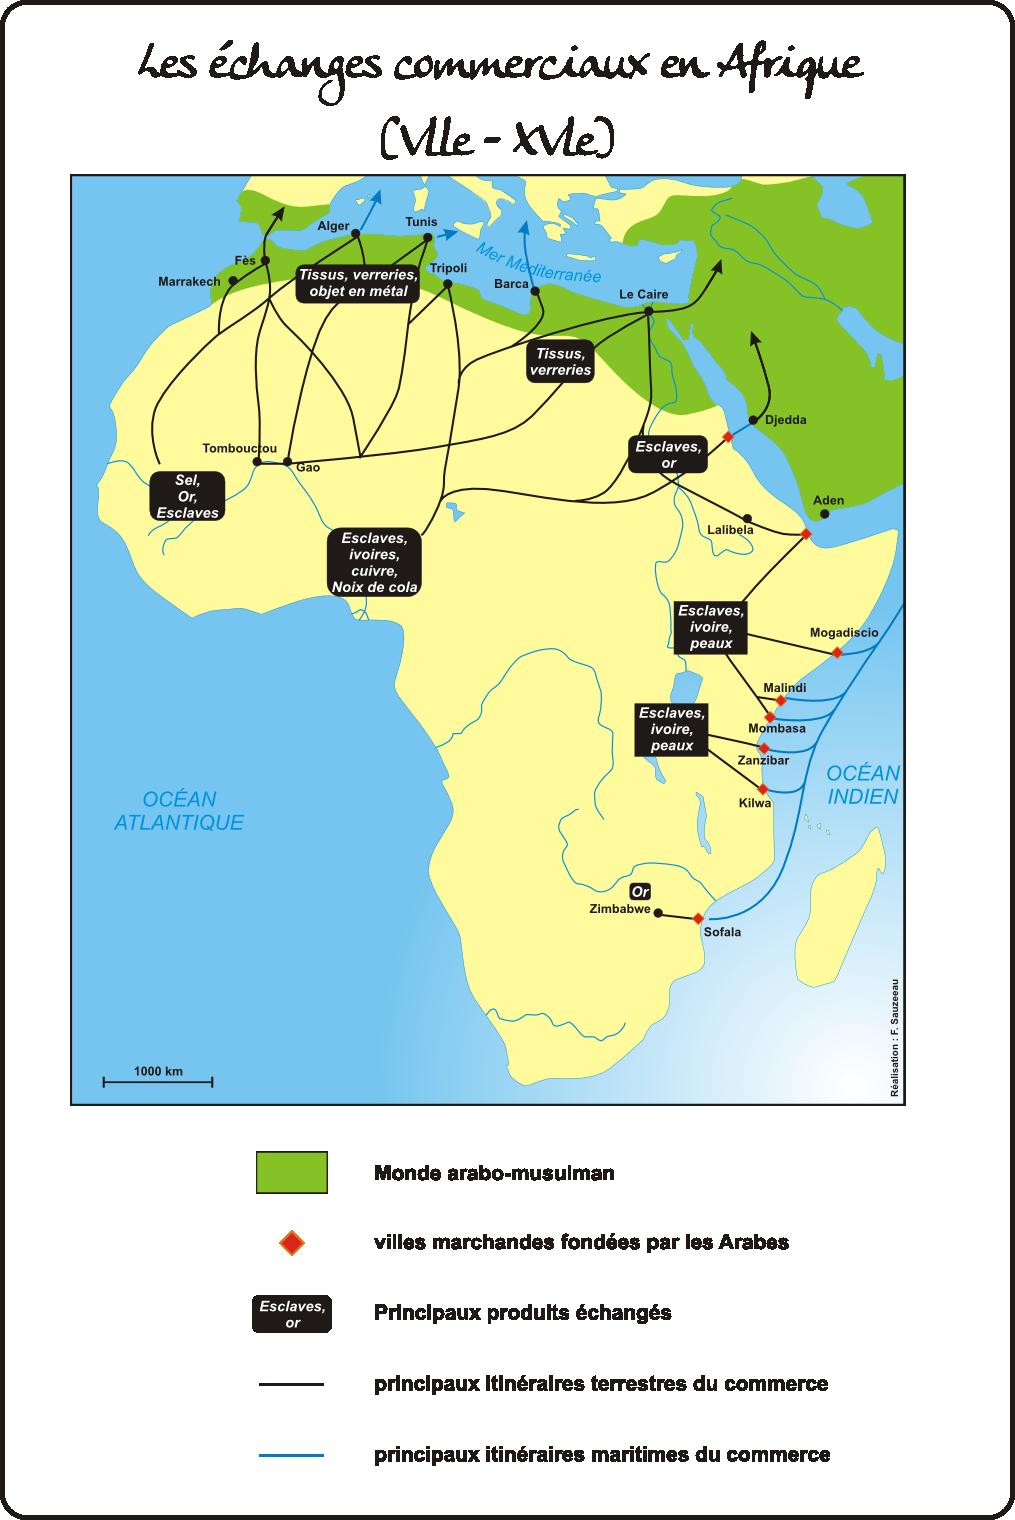 les échanges commerciaux en Afrique (Vlle - XVle siècles)